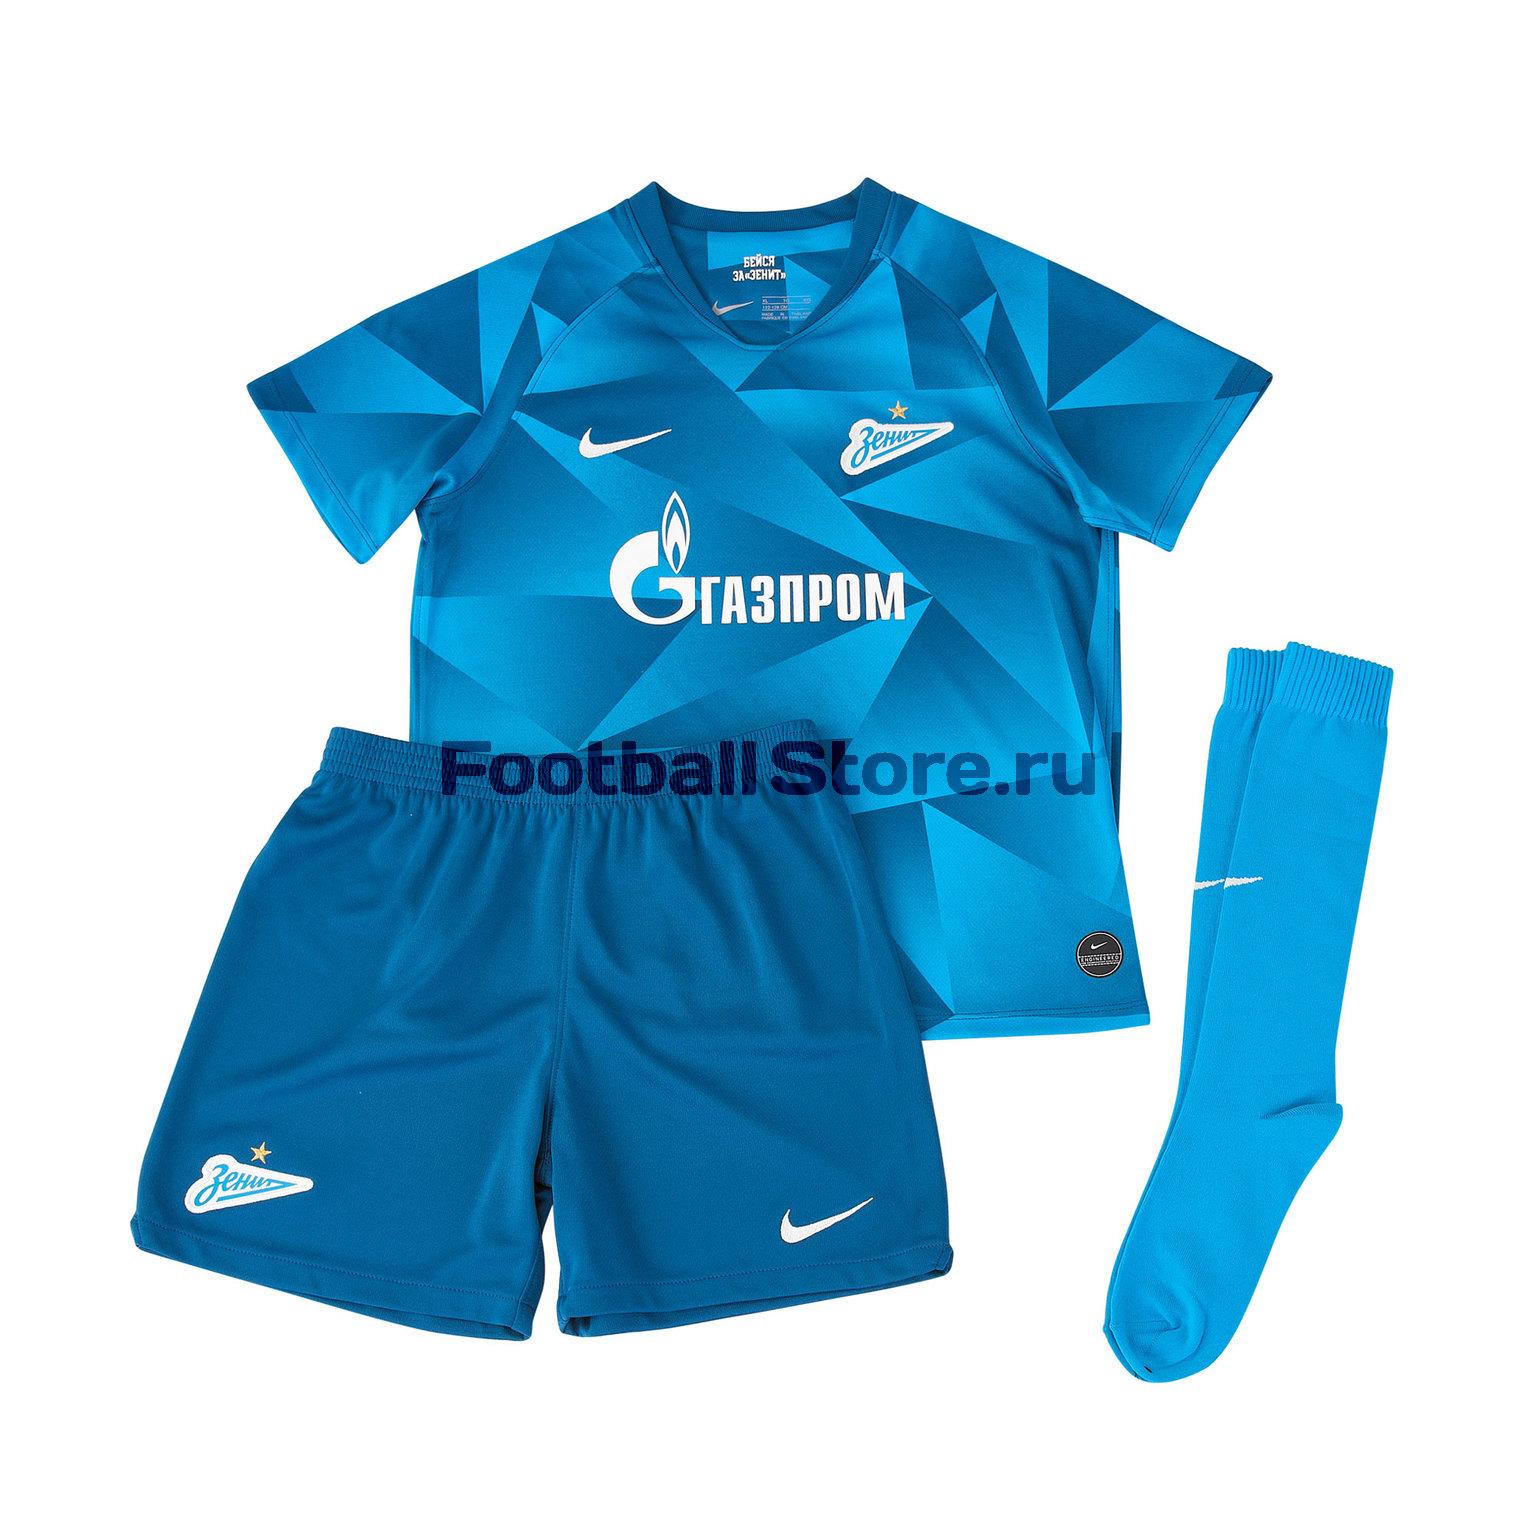 Комплект детской формы Nike Zenit 2019/20 цена и фото